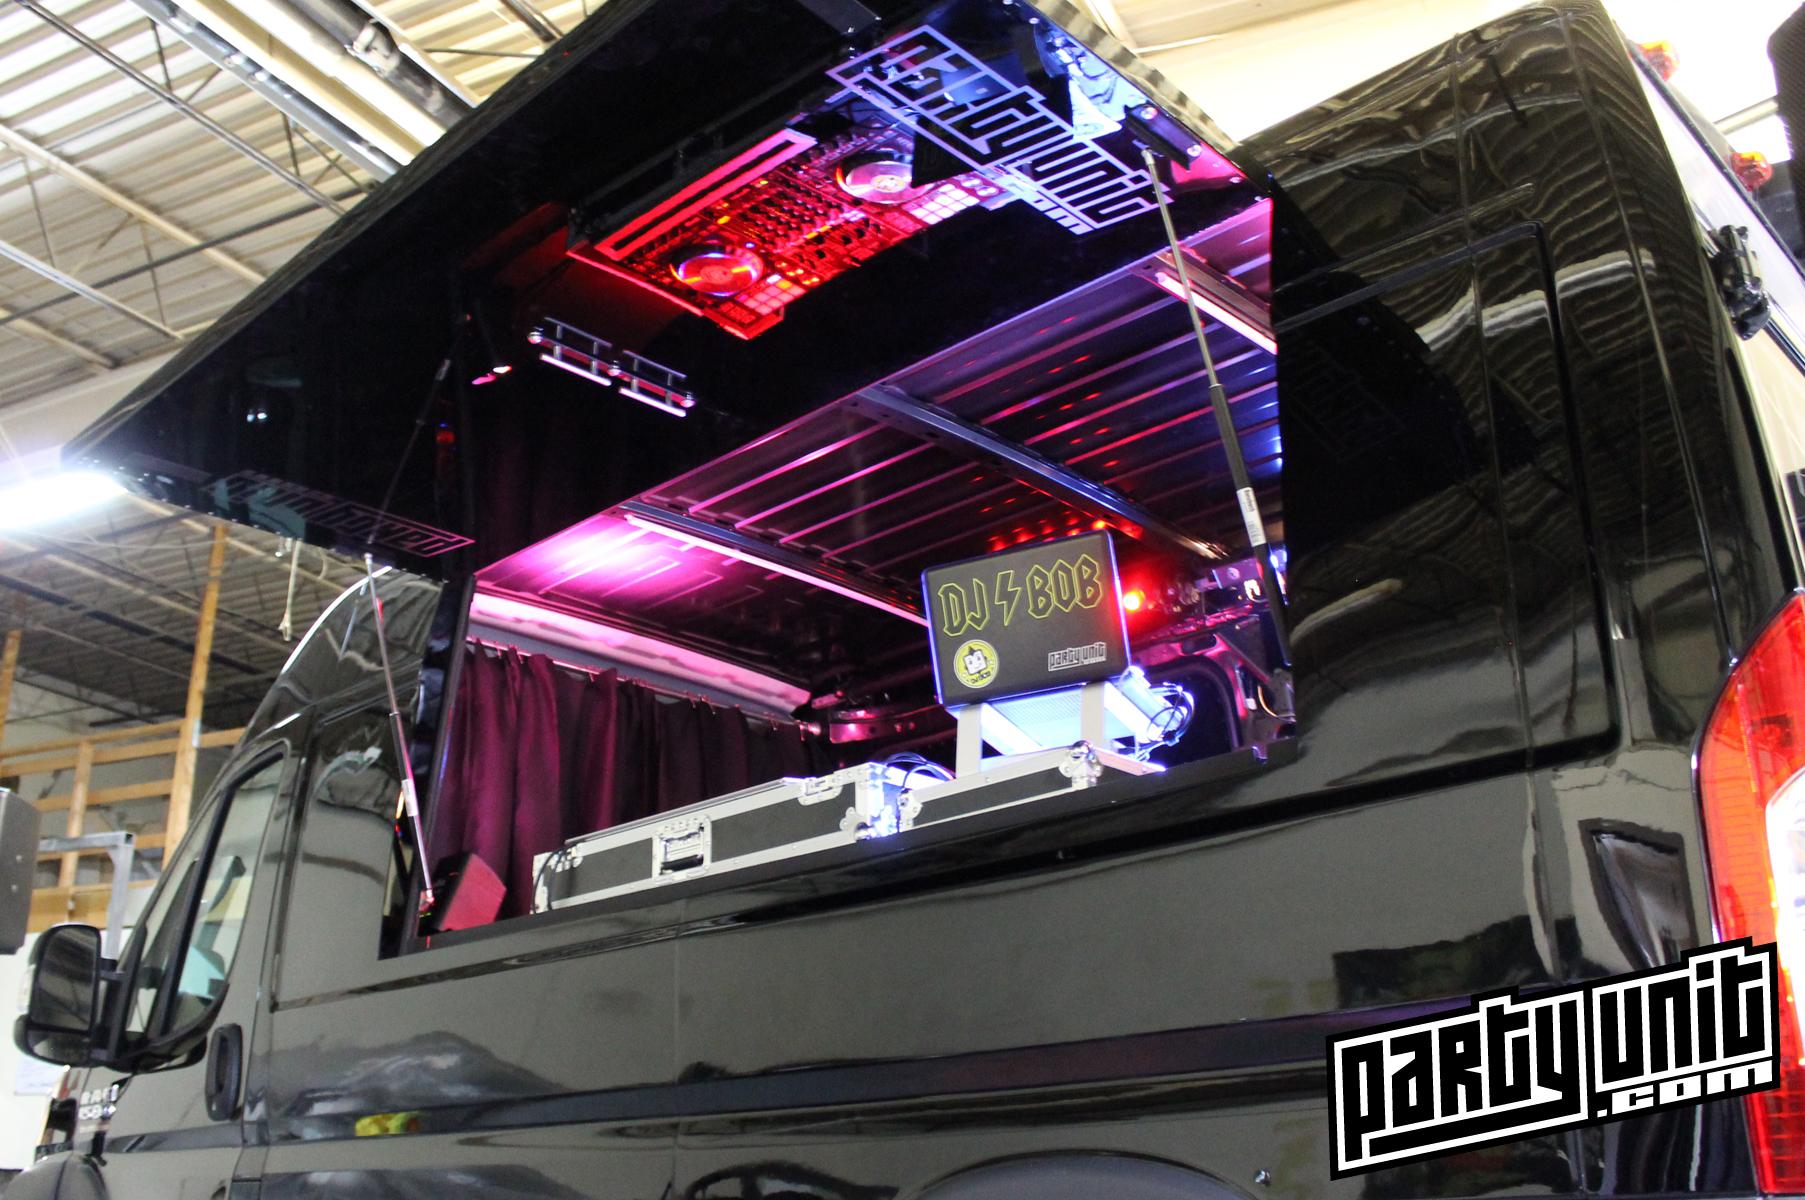 Party Unit - Mobile Party Van